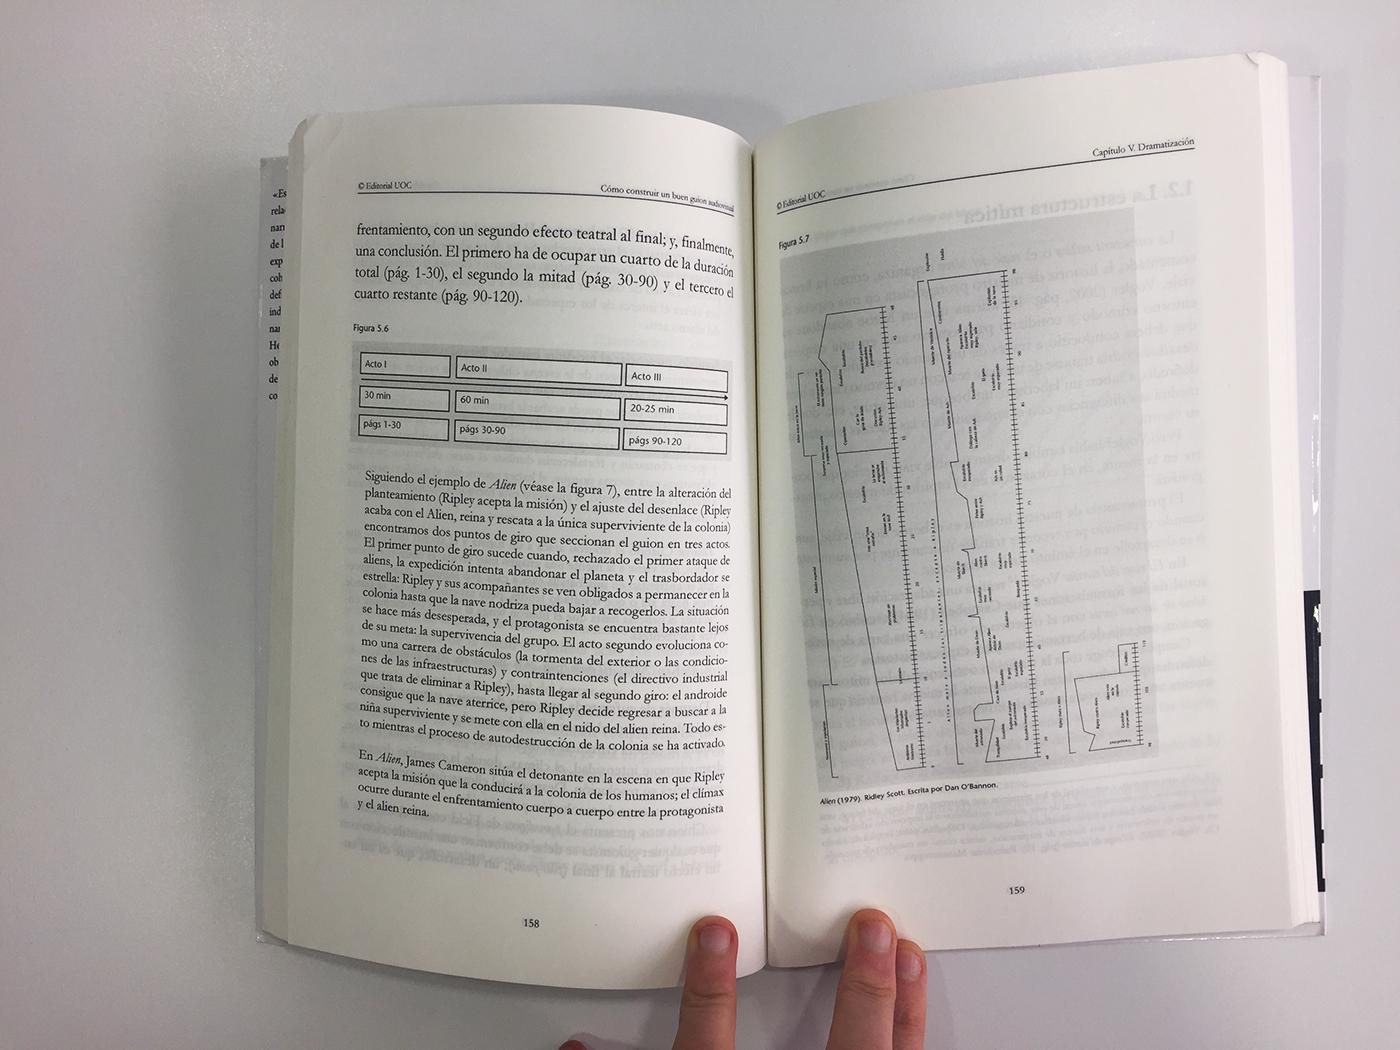 Imagen galeria Como construir un buen guion audiovisual galeria 8